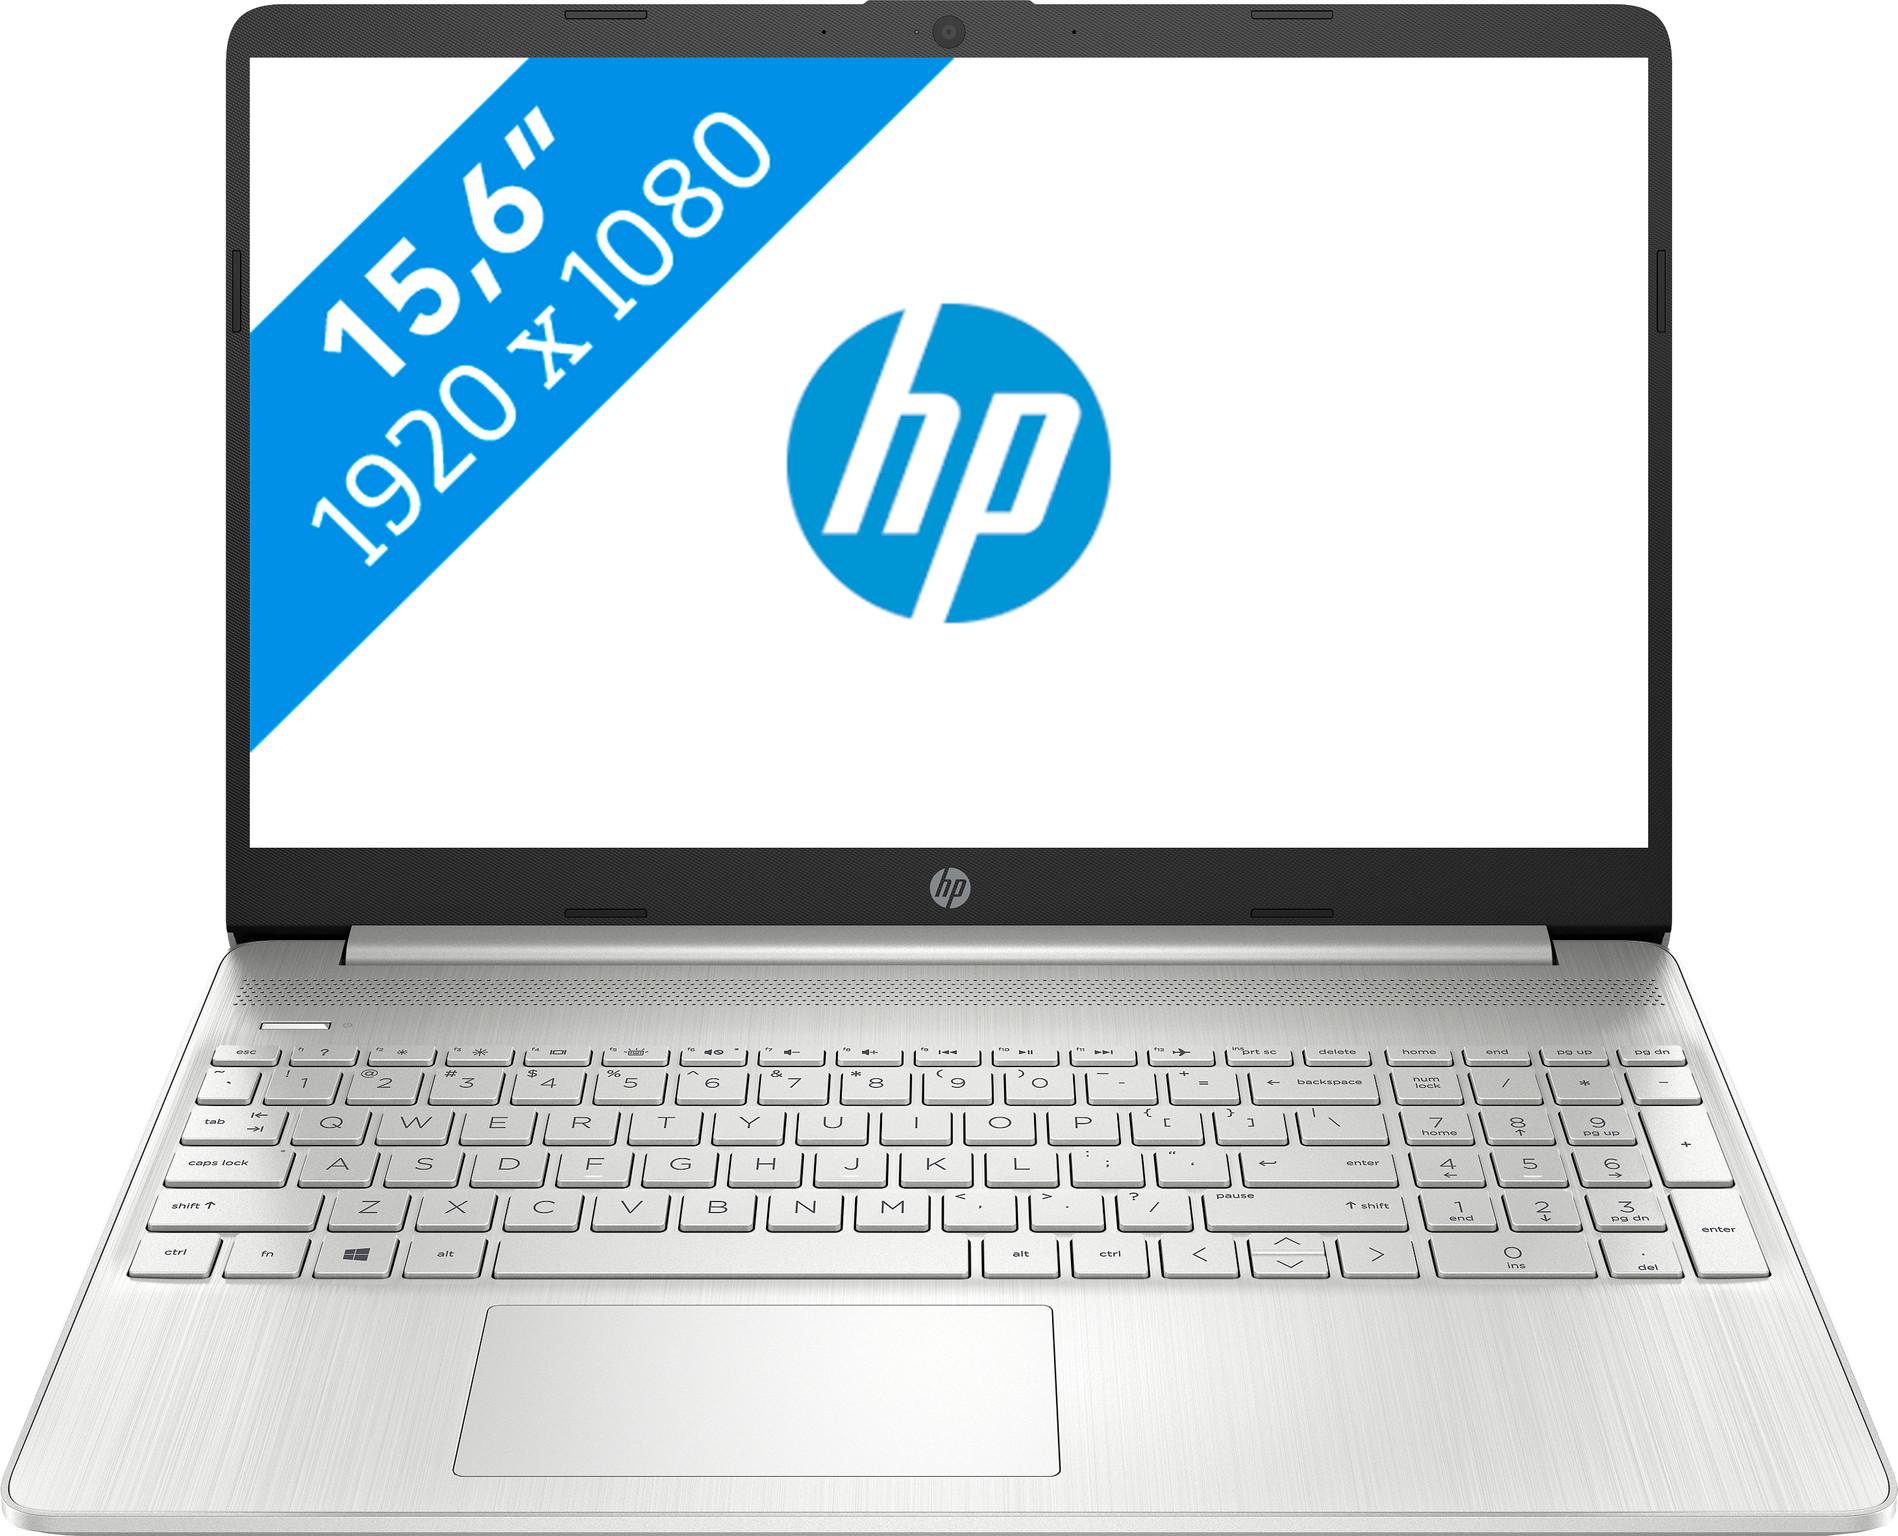 HP 15s - Goedkope 15inch laptop